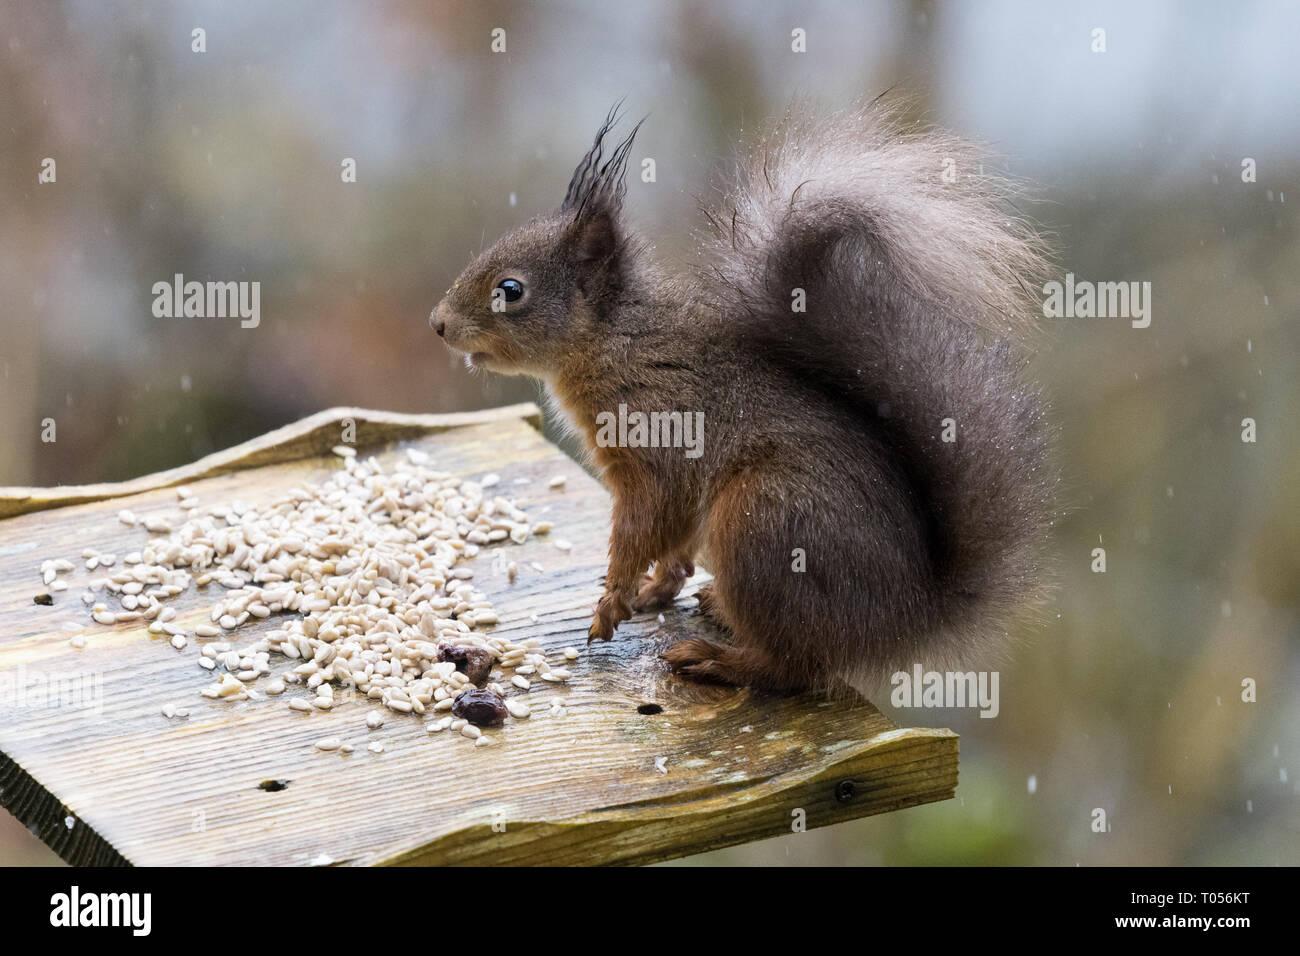 - L'écureuil roux Sciurus vulgaris - noir-rouge ou noir, coloration mue - Écosse, Royaume-Uni Banque D'Images